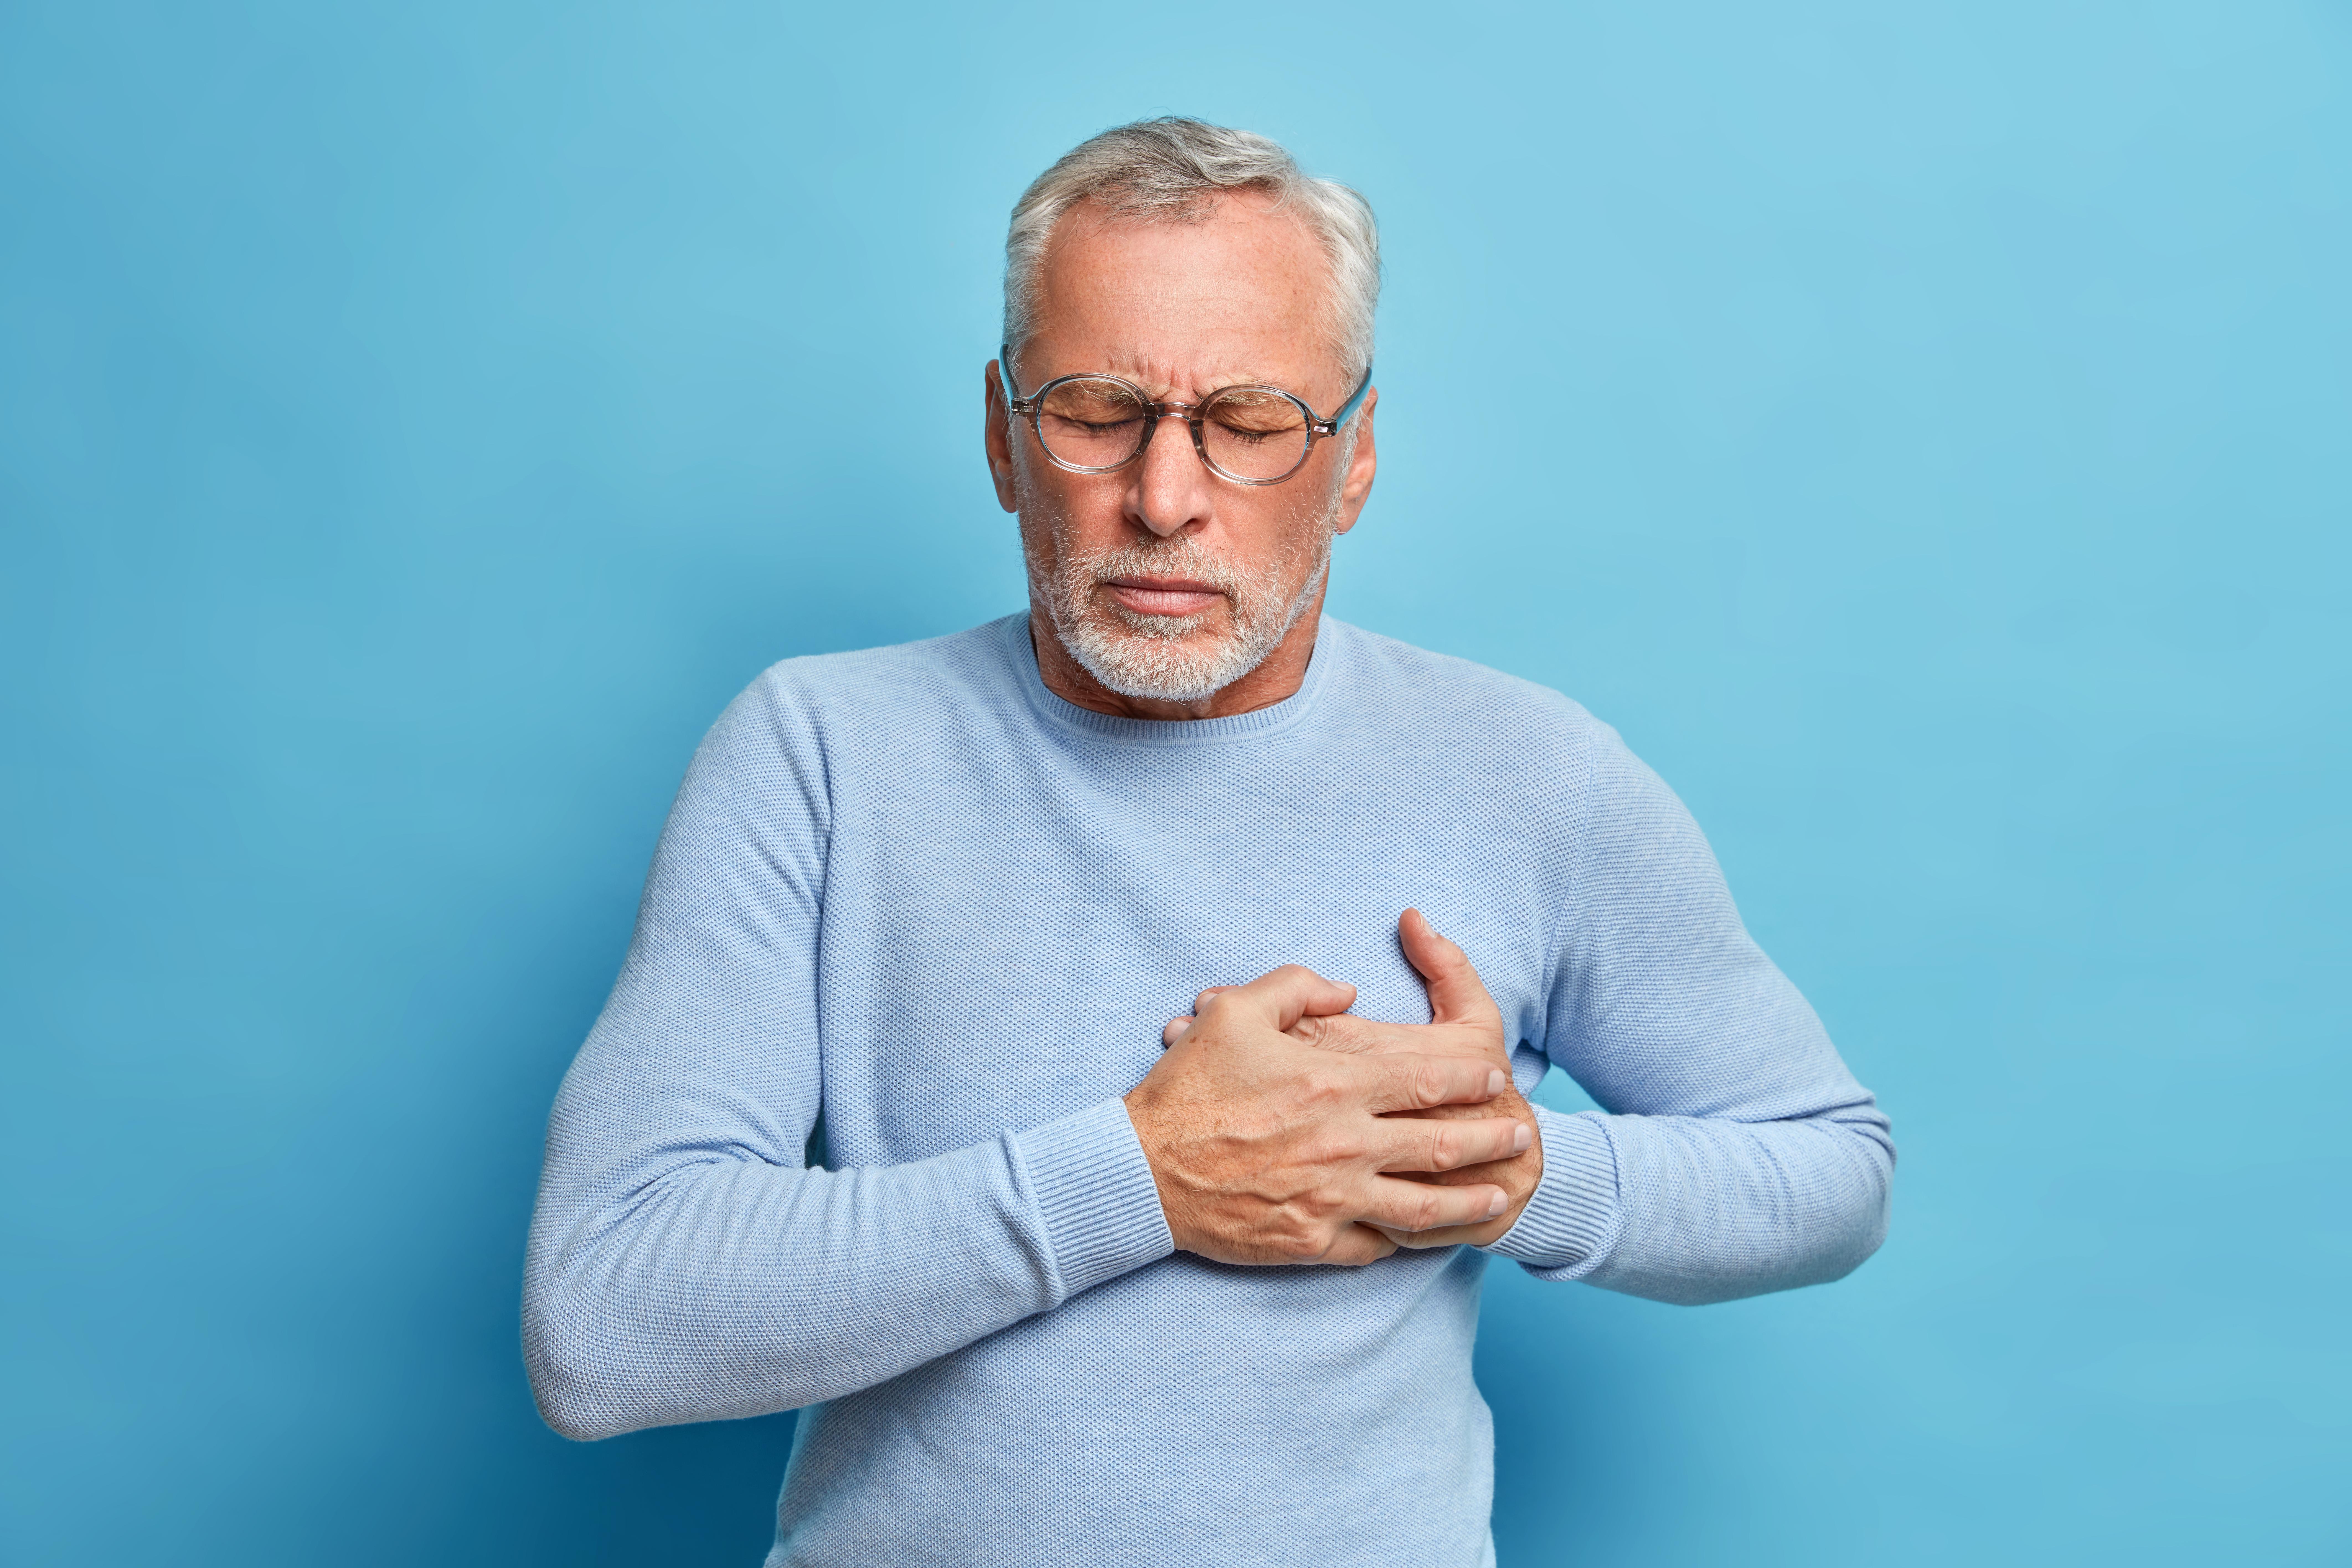 Fibrilación auricular en el paciente mayor: la importancia del diagnóstico precoz